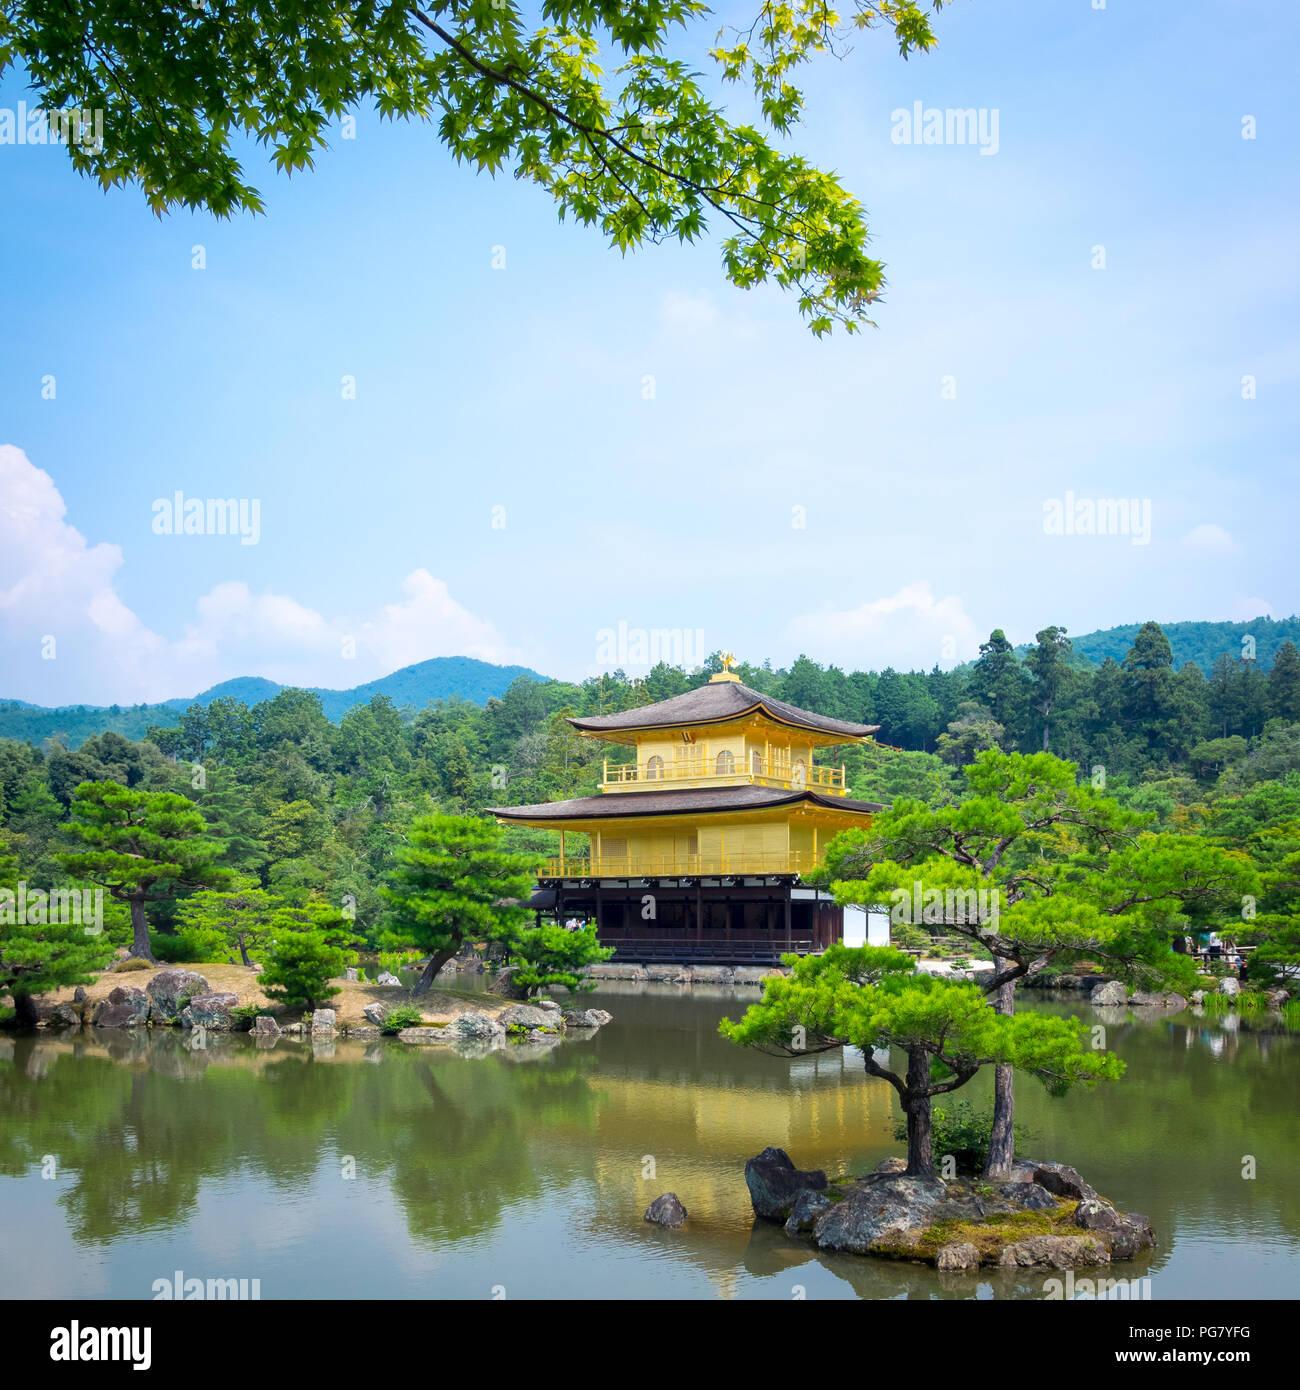 Kinkaku-ji (auch als kinkakuji oder Rokuon-ji bekannt), der Tempel des Goldenen Pavillon, ist berühmt zen-buddhistischen Tempel in Kyoto, Japan. Stockbild